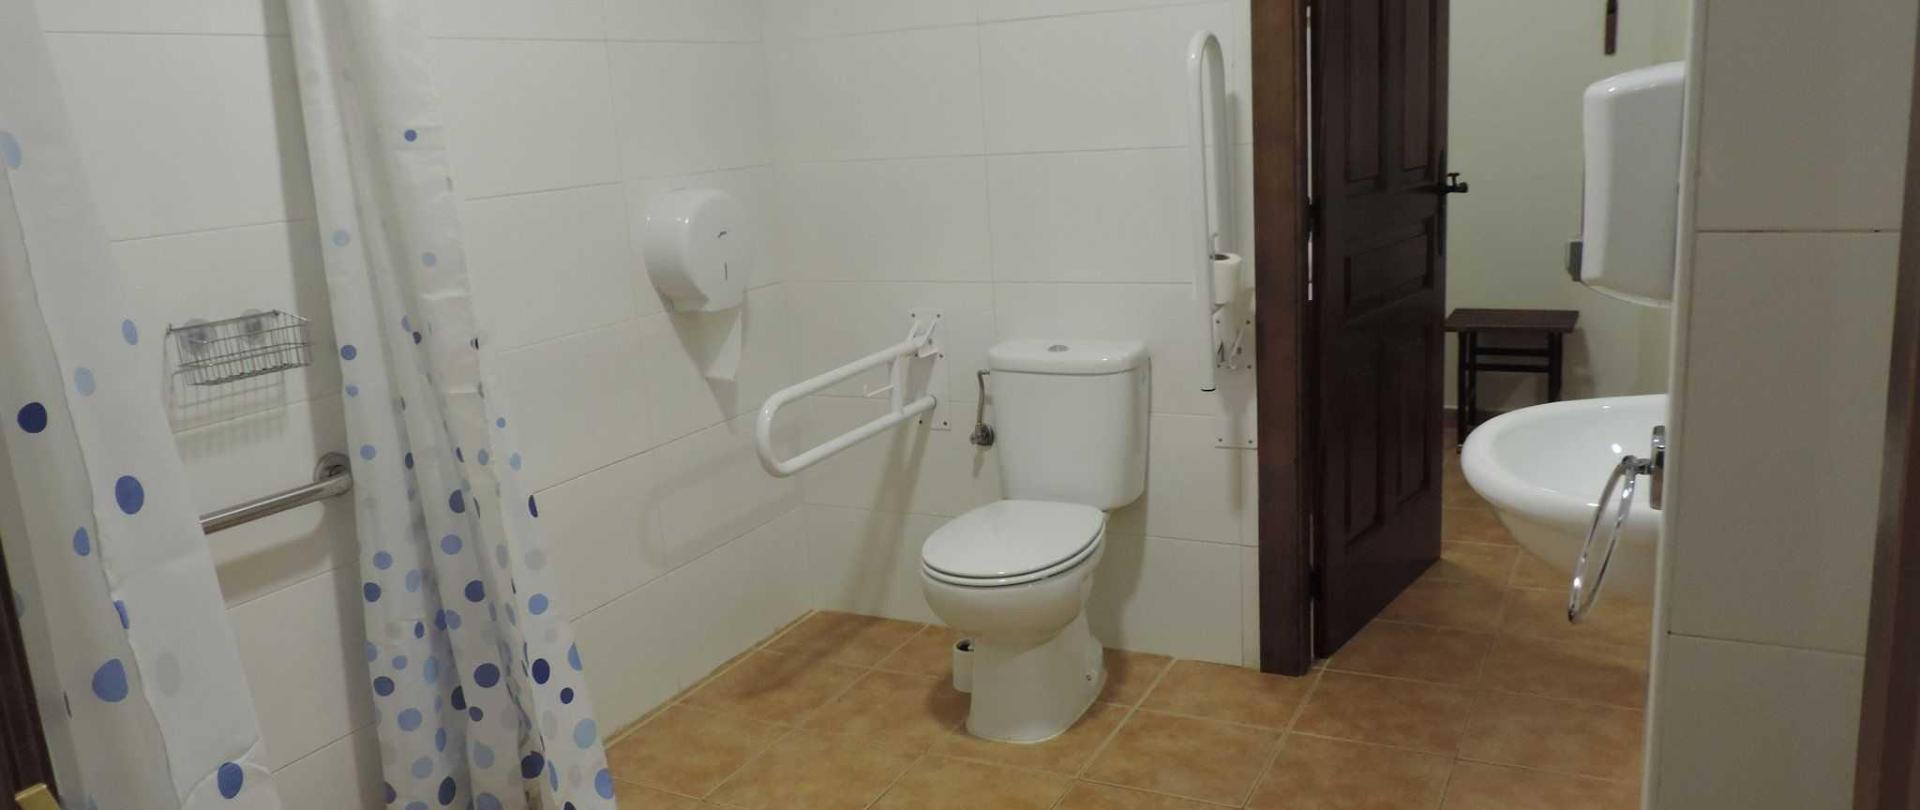 Baño habitación privada dos camas.JPG